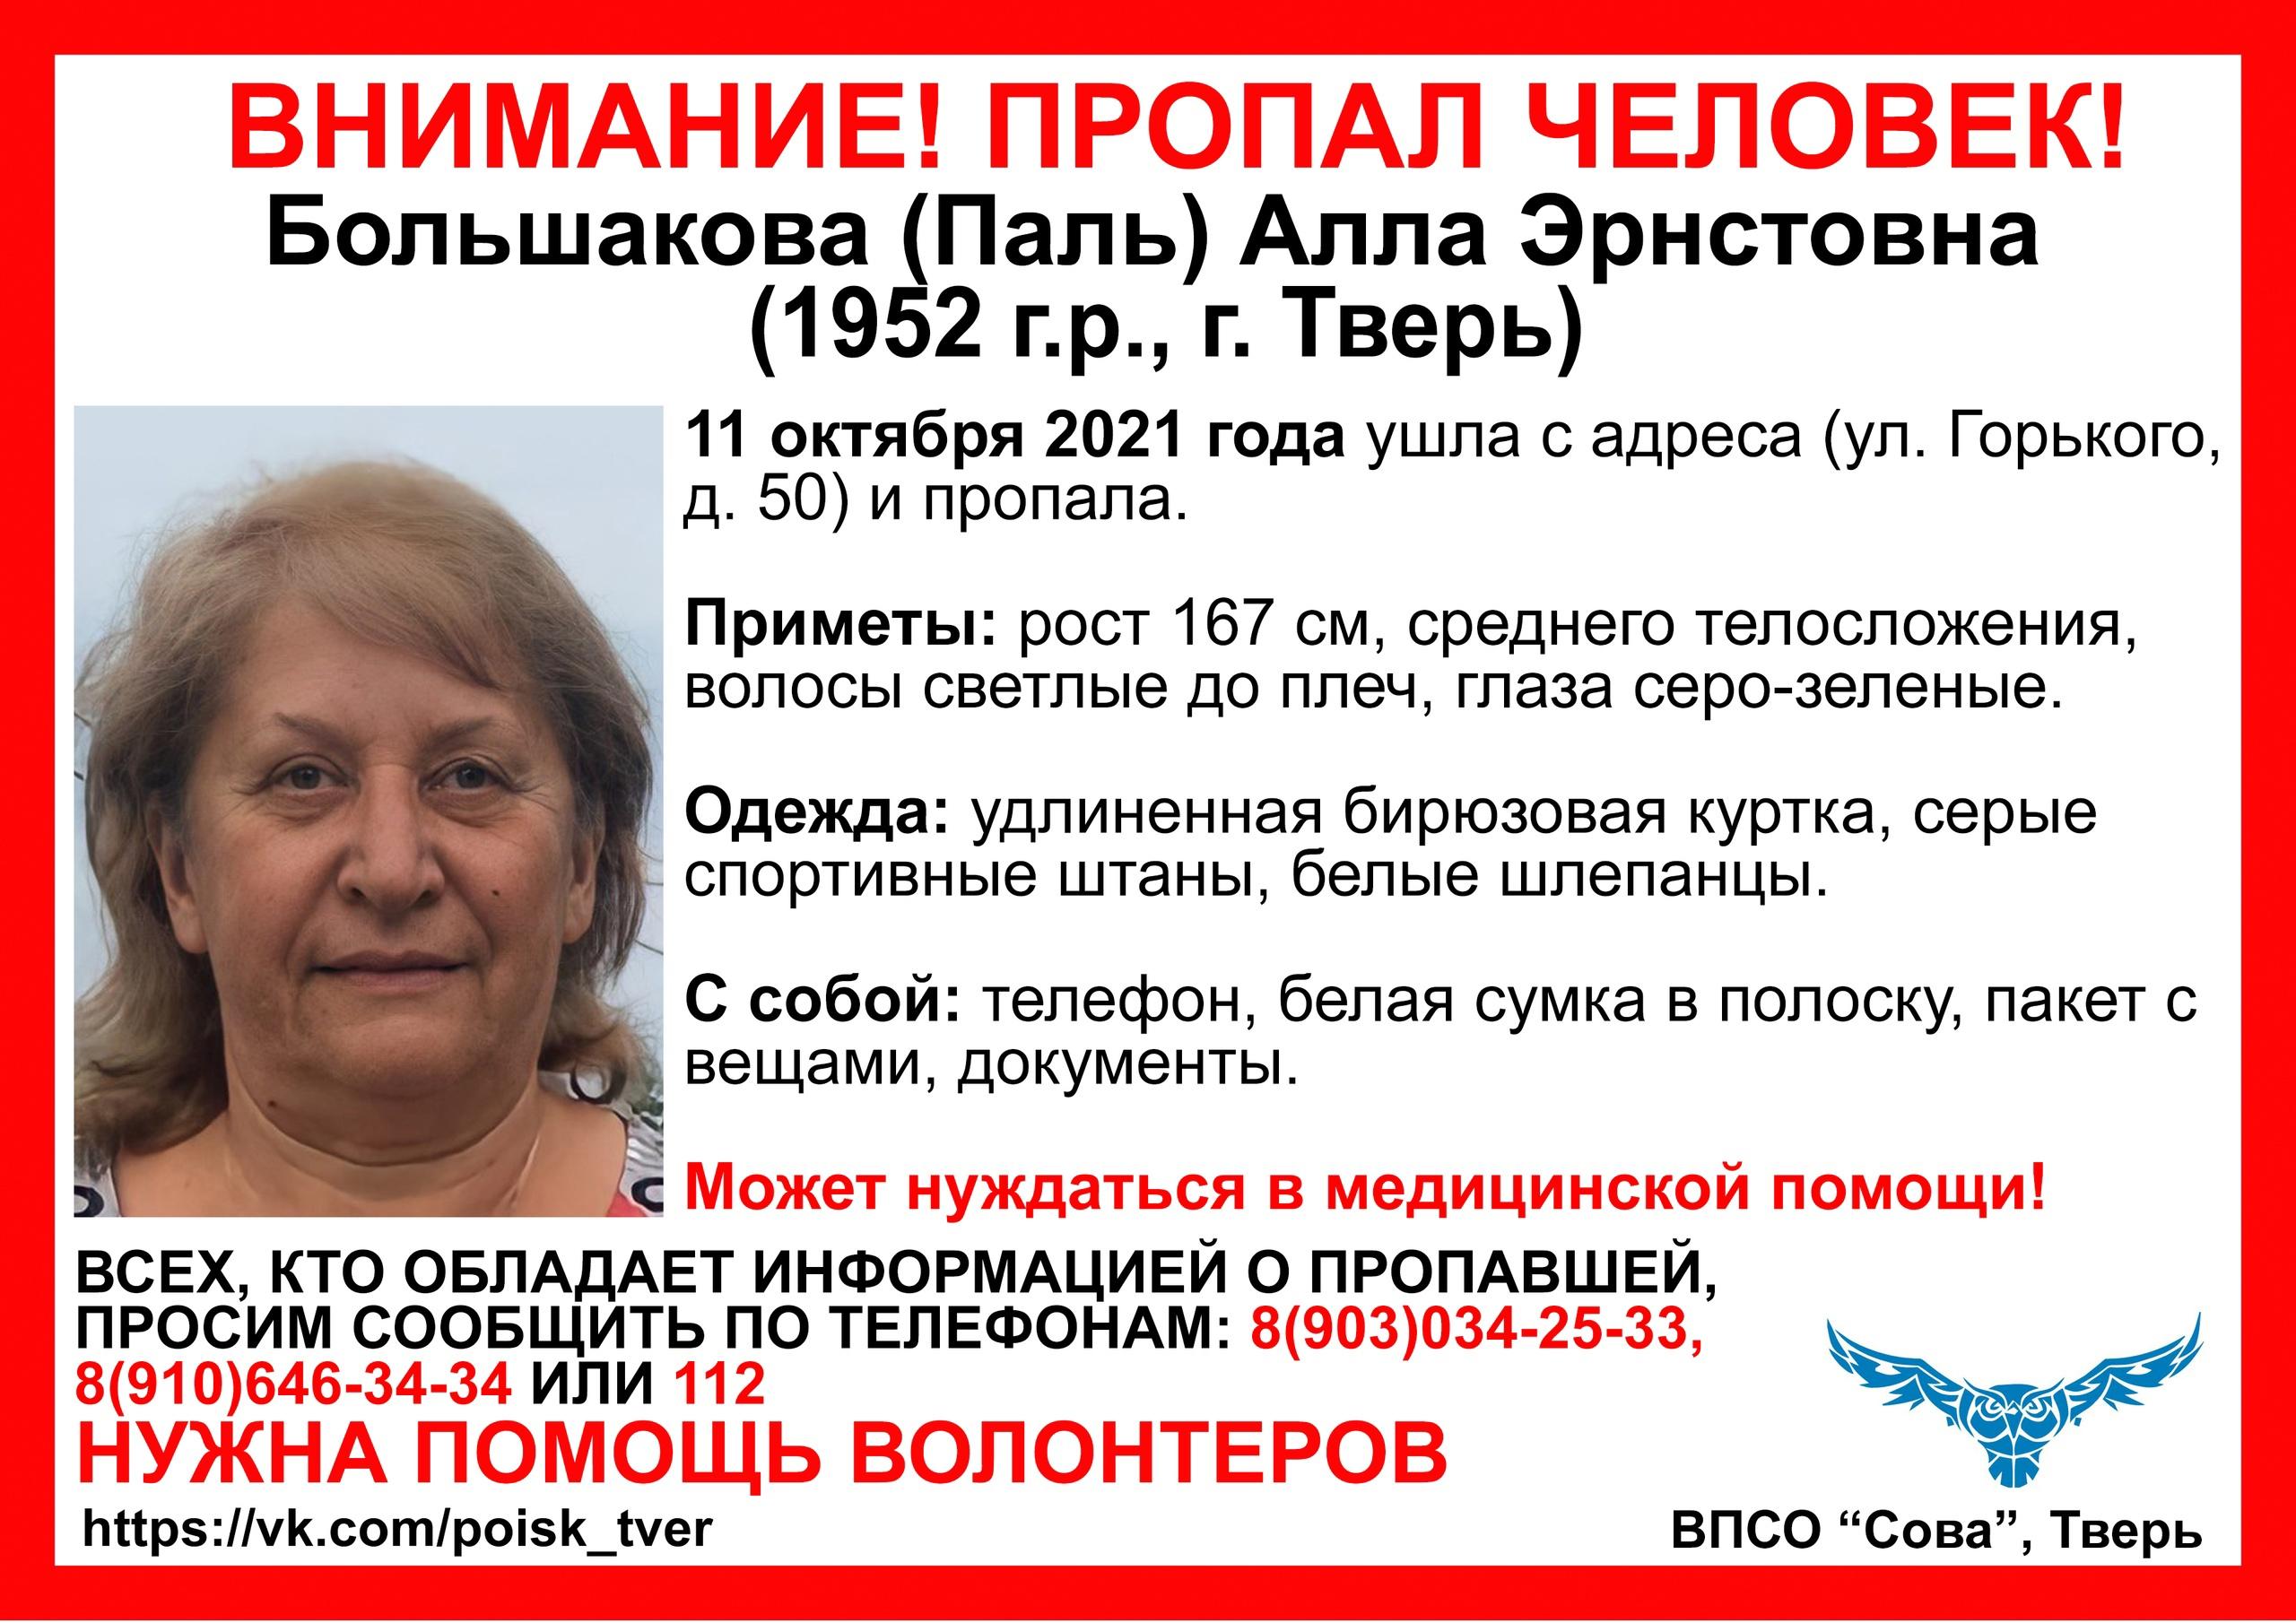 В Твери пропала пожилая женщина